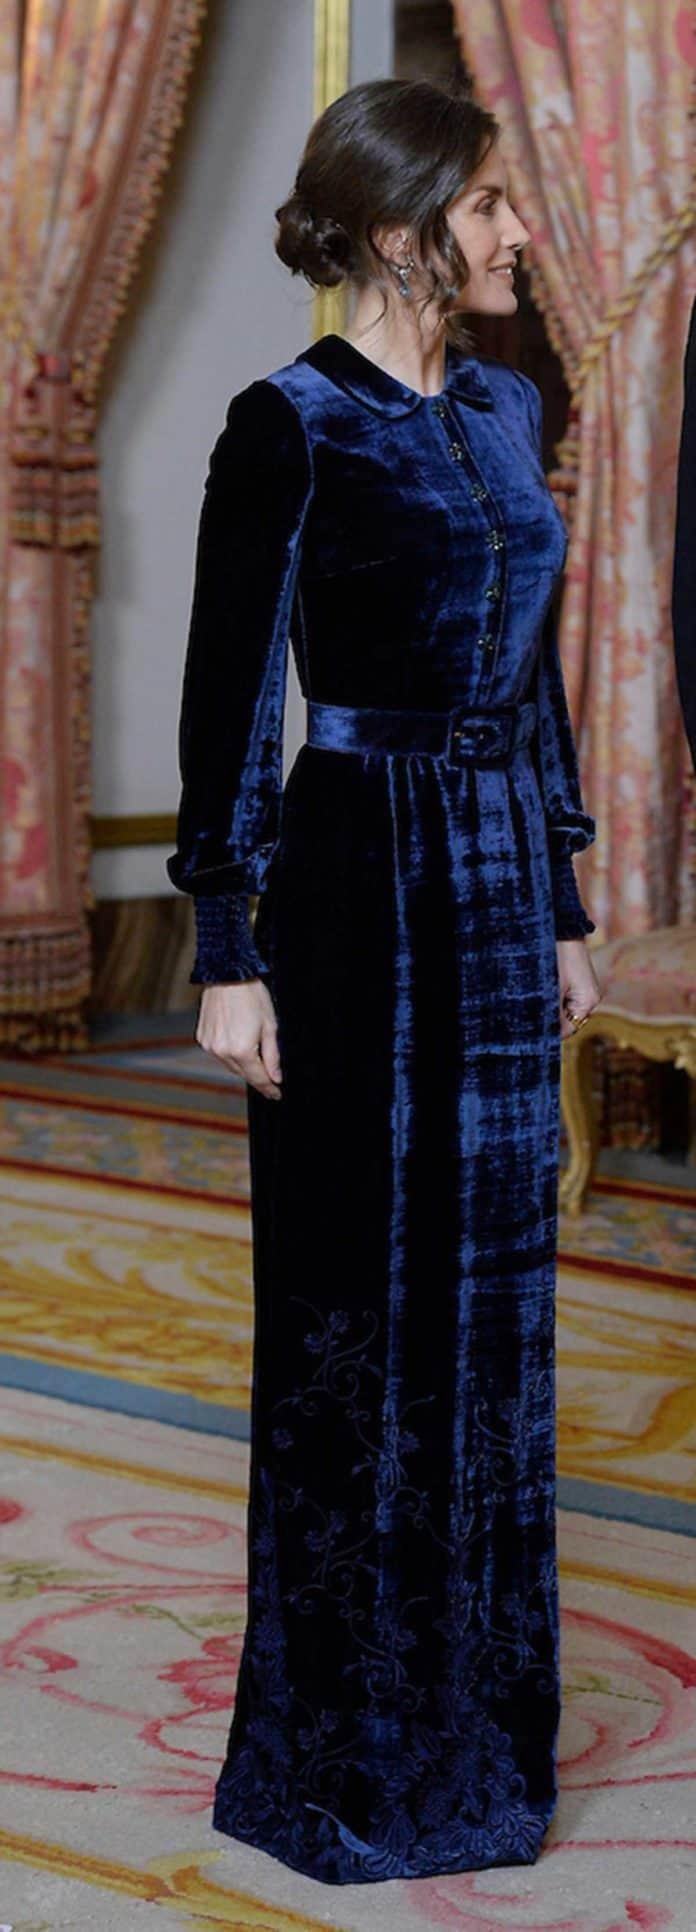 Letizia: recupera el vestido de terciopelo fallido que llevaba hace dos años 4